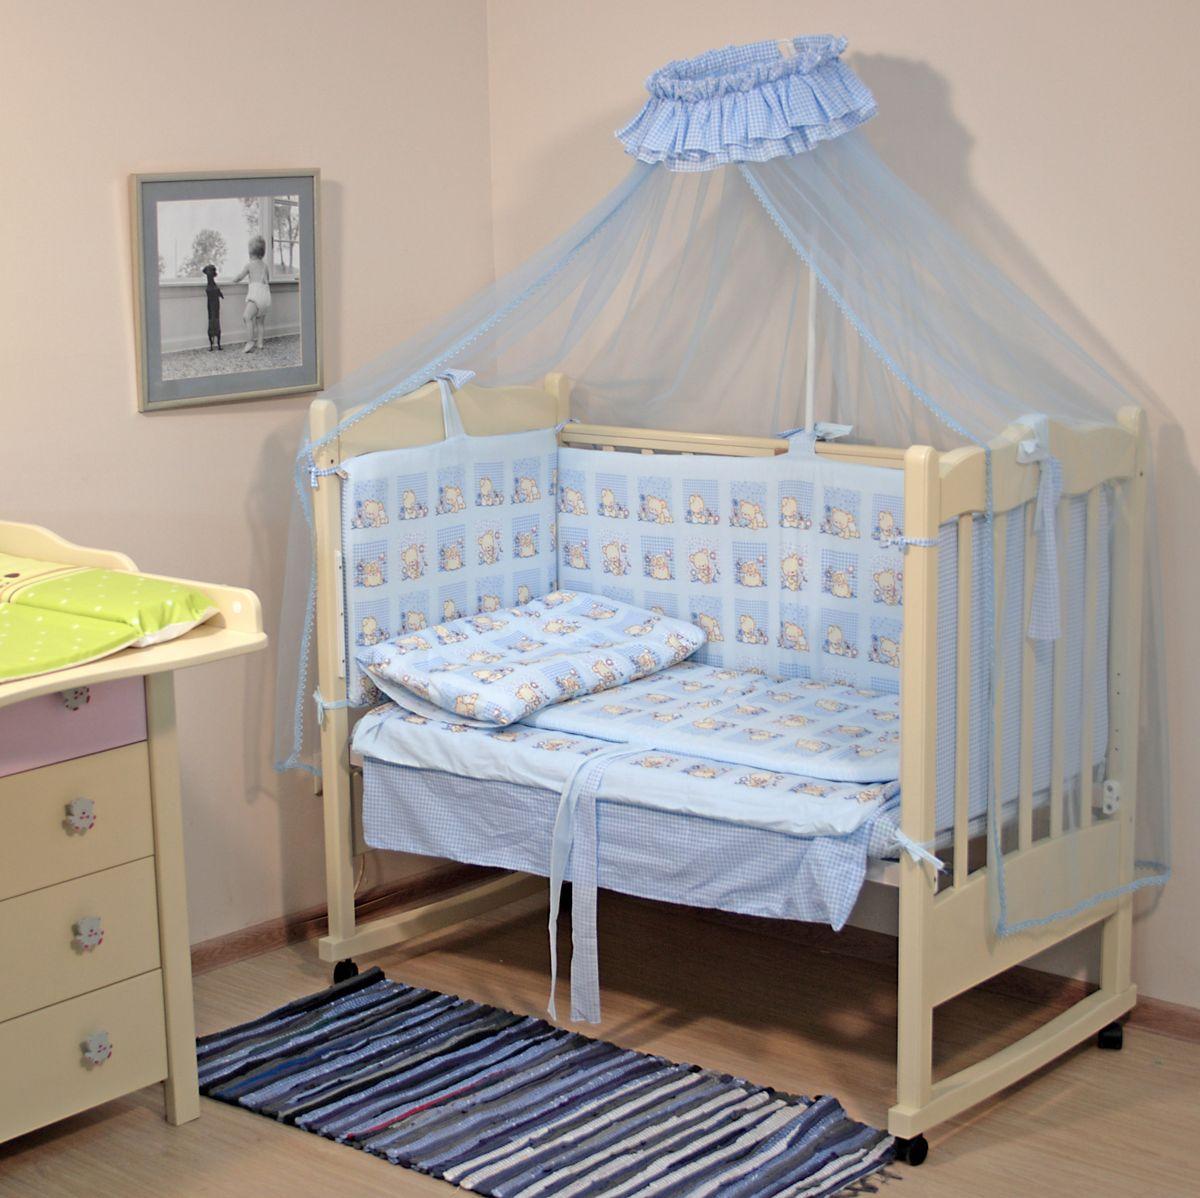 Топотушки Комплект детского постельного белья Мишутка цвет голубой 7 предметов327030Комплект постельного белья из 7 предметов включает все необходимые элементы для детской кроватки. Комплект создает для Вашего ребенка уют, комфорт и безопасную среду с рождения, современный дизайн и цветовые сочетания помогают ребенку адаптироваться в новом для него мире. Комплекты «Топотушки» хорошо вписываются в интерьер как детской комнаты, так и спальни родителей. Как и все изделия «Топотушки» данный комплект отражает самые последние технологии, является безопасным для малыша и экологичным. Российское происхождение комплекта гарантирует стабильно высокое качество, соответствие актуальным пожеланиям потребителей, конкурентоспособную цену.Комплектация: Балдахин 3м (сетка); охранный бампер 360х50см. (из 4-х частей, наполнитель – холлофайбер); подушка 40х60см. (наполнитель – холлофайбер); одеяло 140х110см. (наполнитель – холлофайбер); наволочка 40х60см; пододеяльник 147х112см; простынь на резинке 120х60см